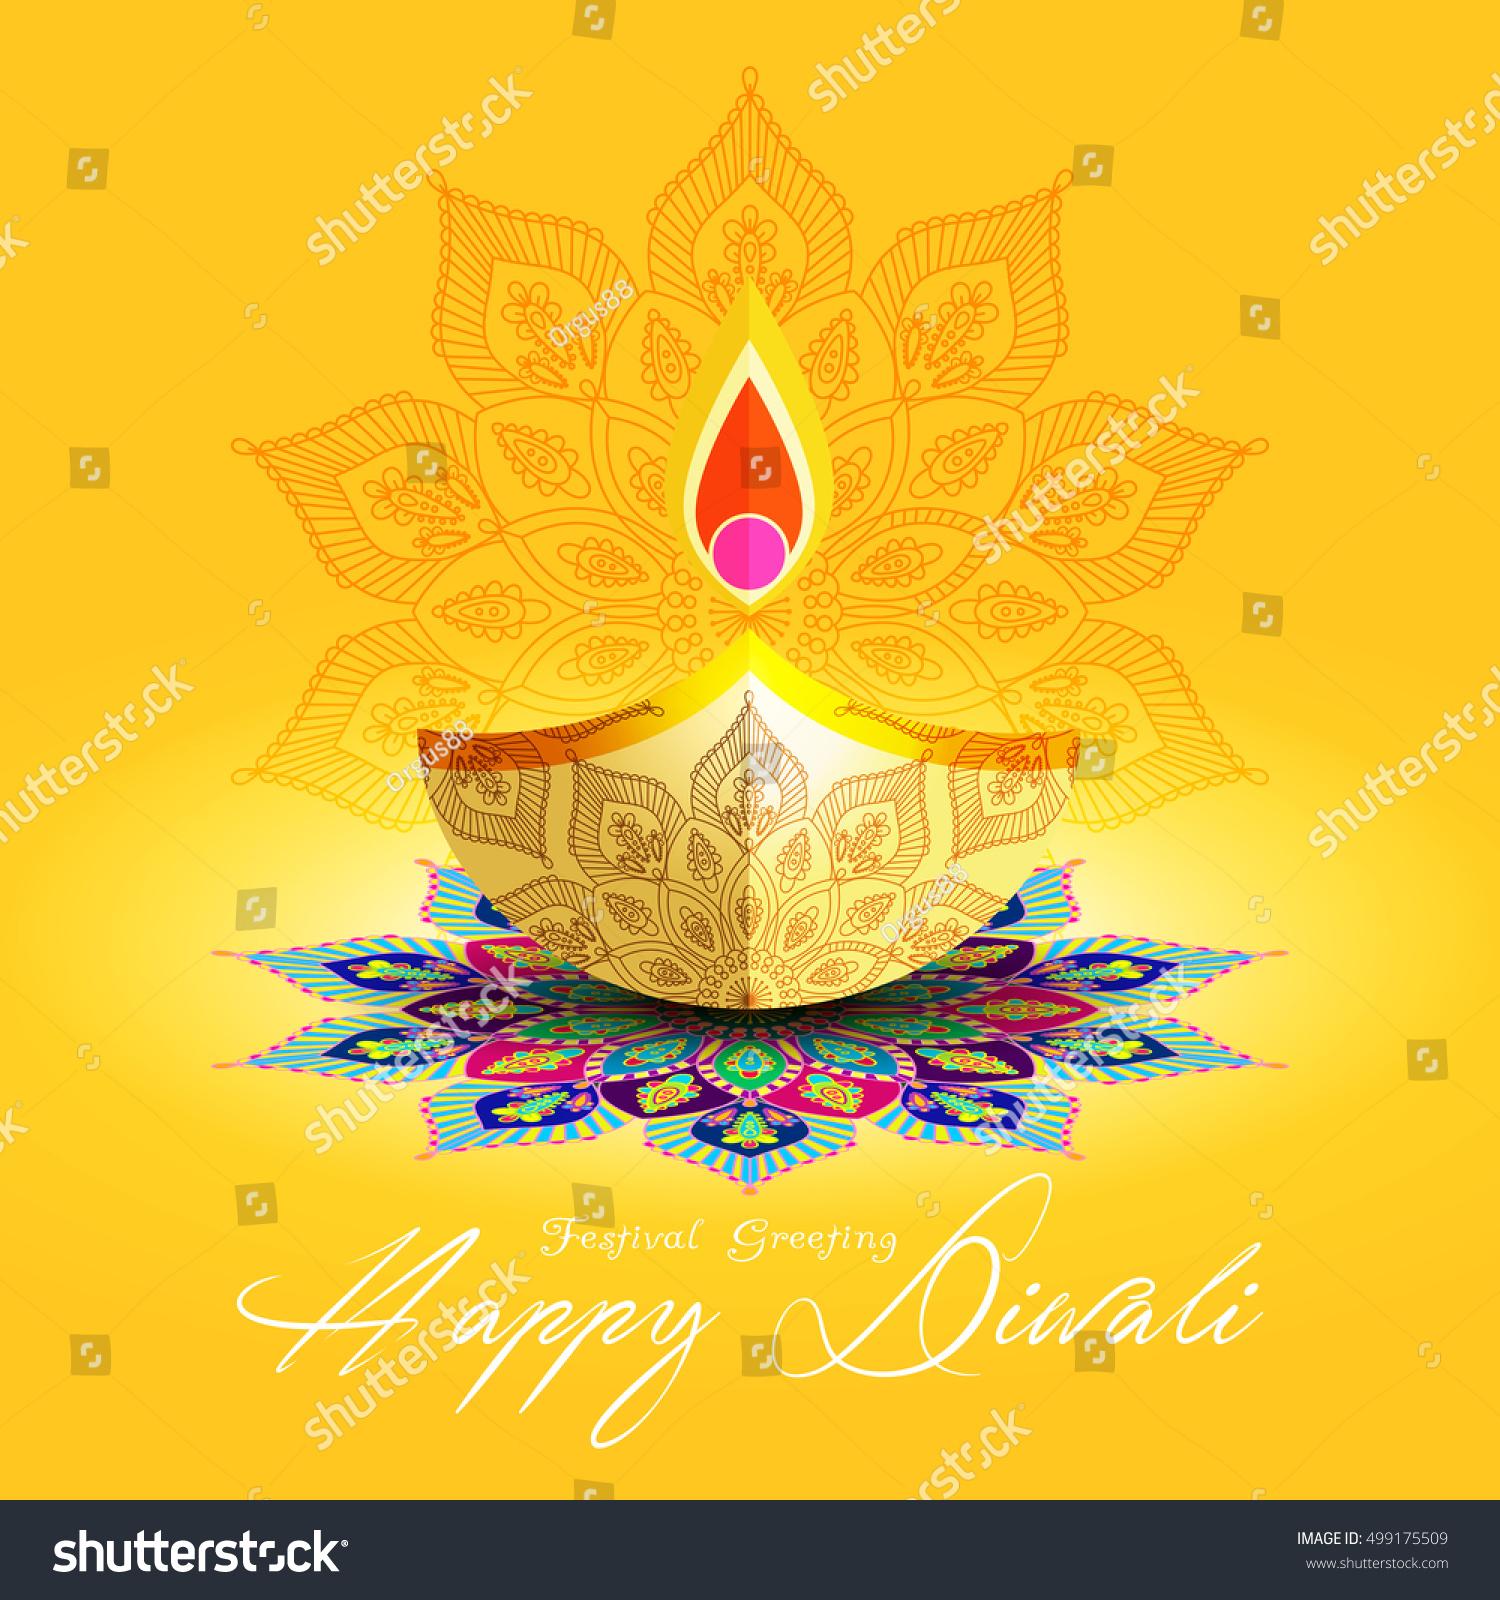 Beautiful greeting card for hindu community festival diwali happy id 499175509 m4hsunfo